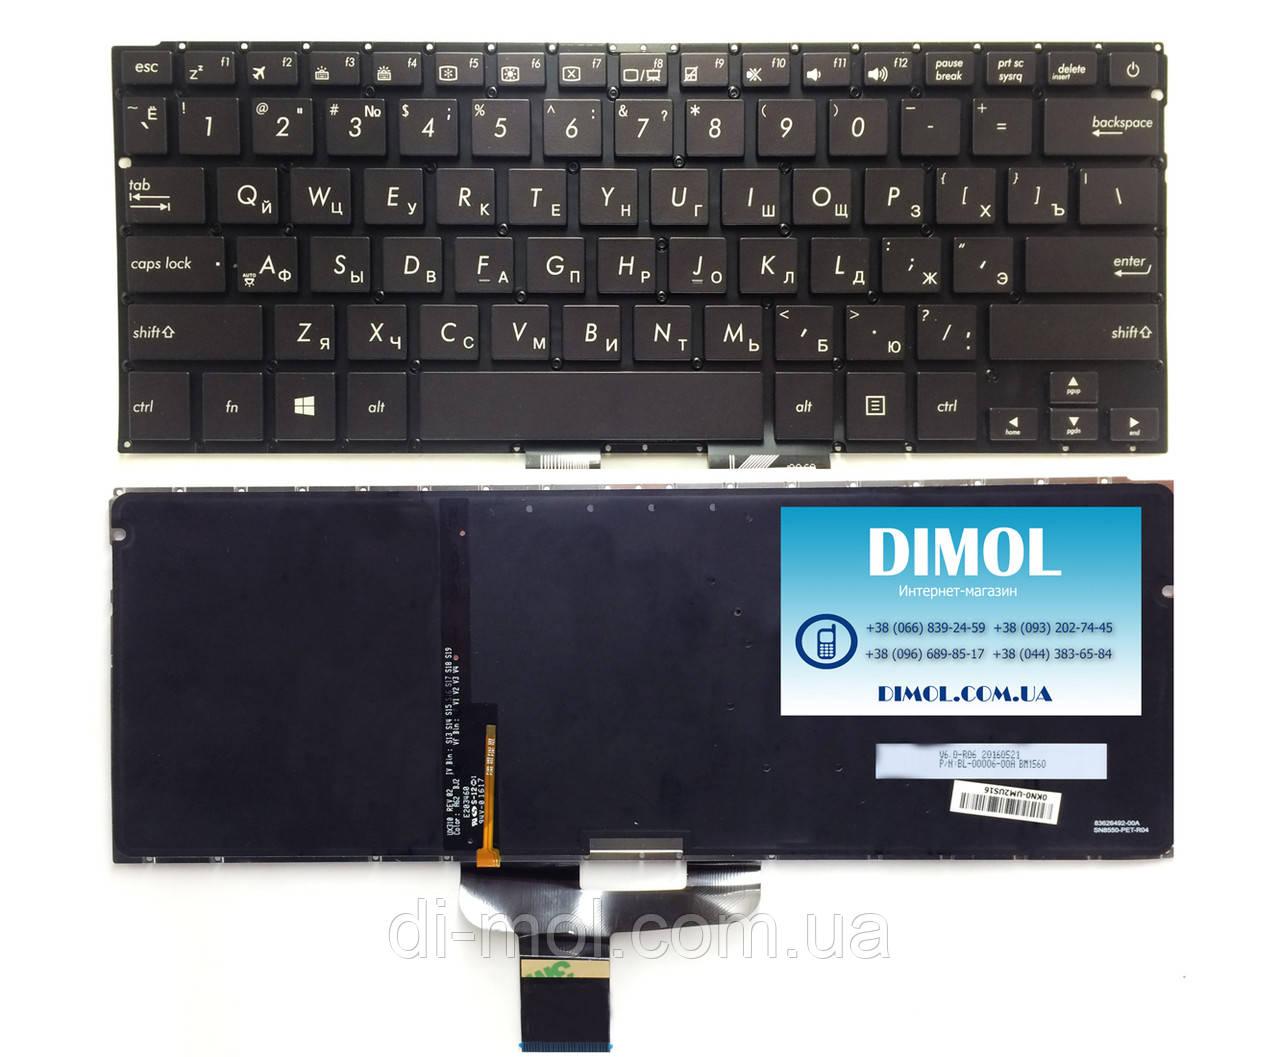 Оригинальная клавиатура для ноутбука Asus Zenbook UX310, UX310F, UX310UA, UX310UQ series, black, ru, подсветка